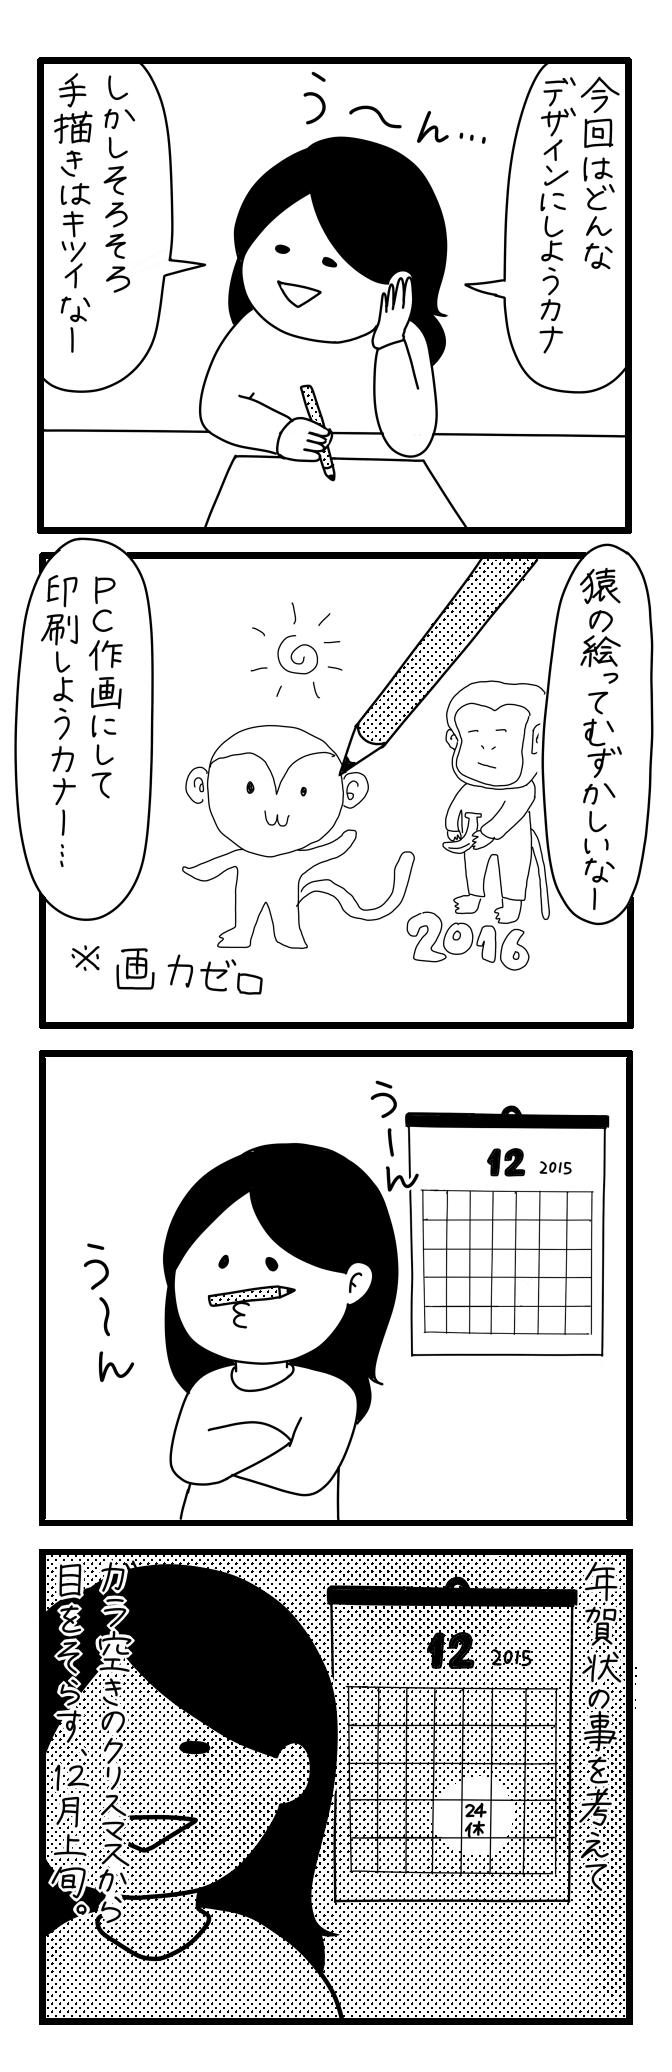 【4コマ漫画】第27回「ビクトリアな日々」作:ビクトリアブラディーヌ